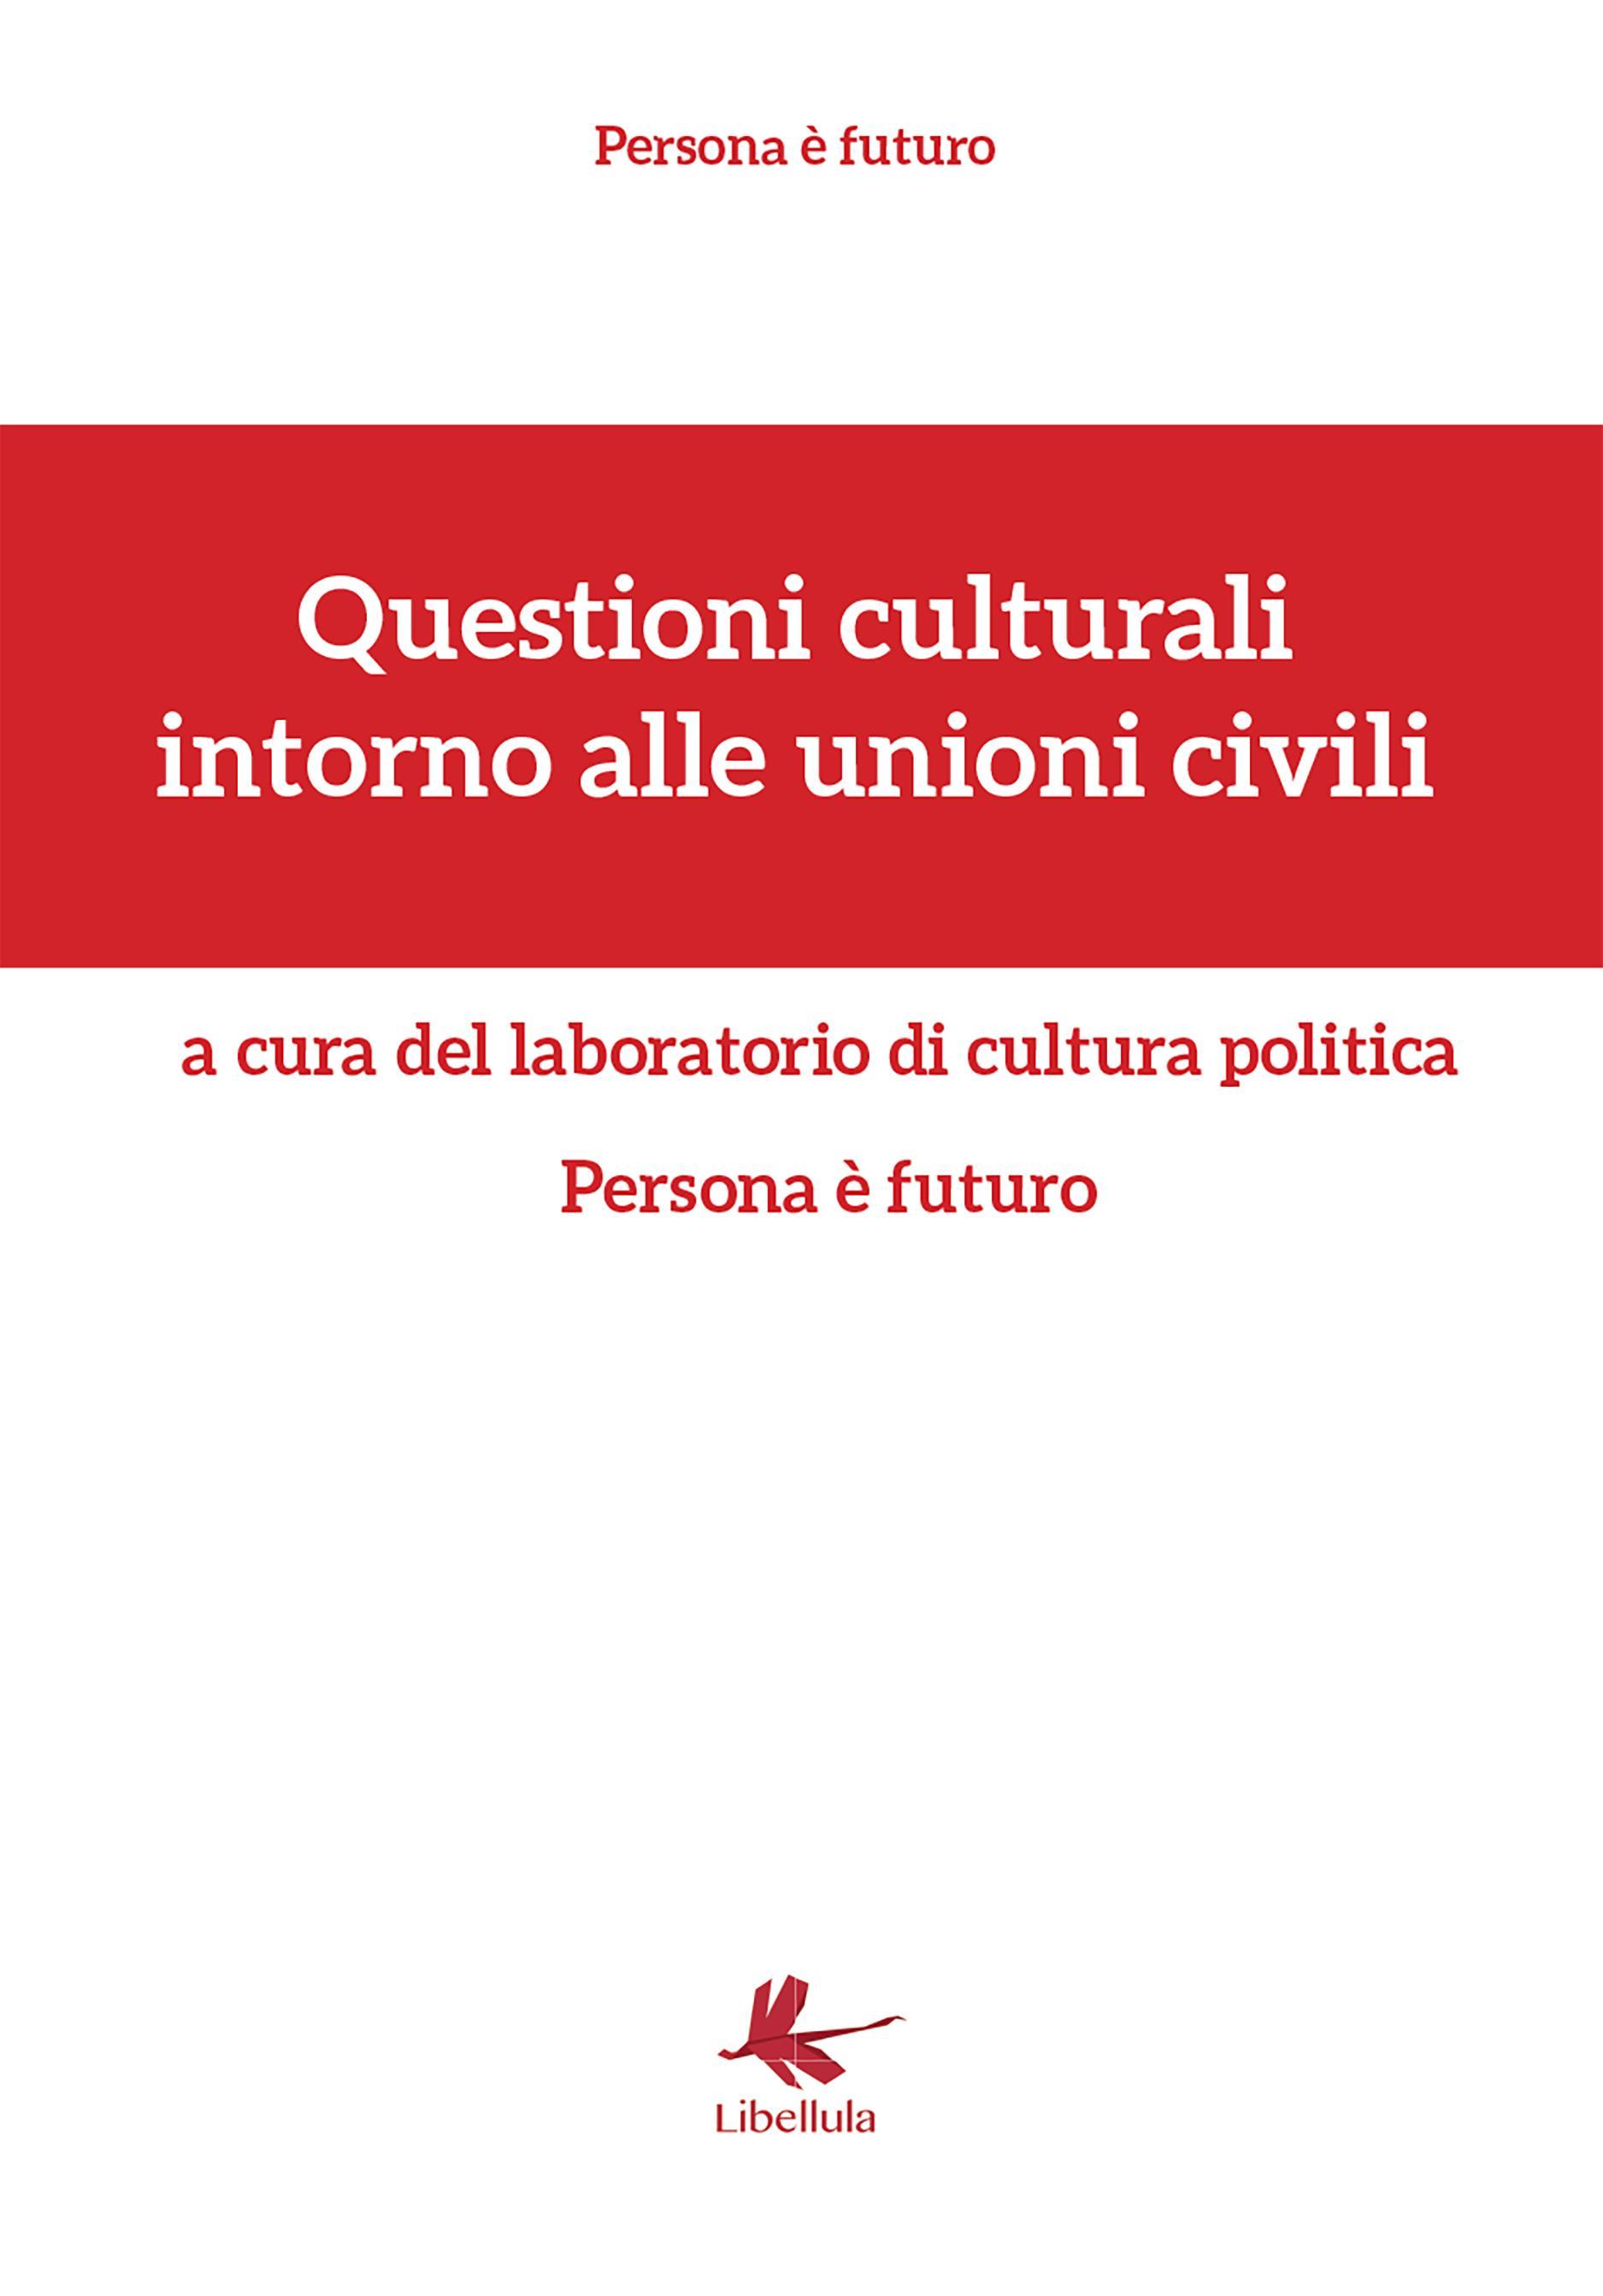 Questioni culturali intorno alle unioni civili